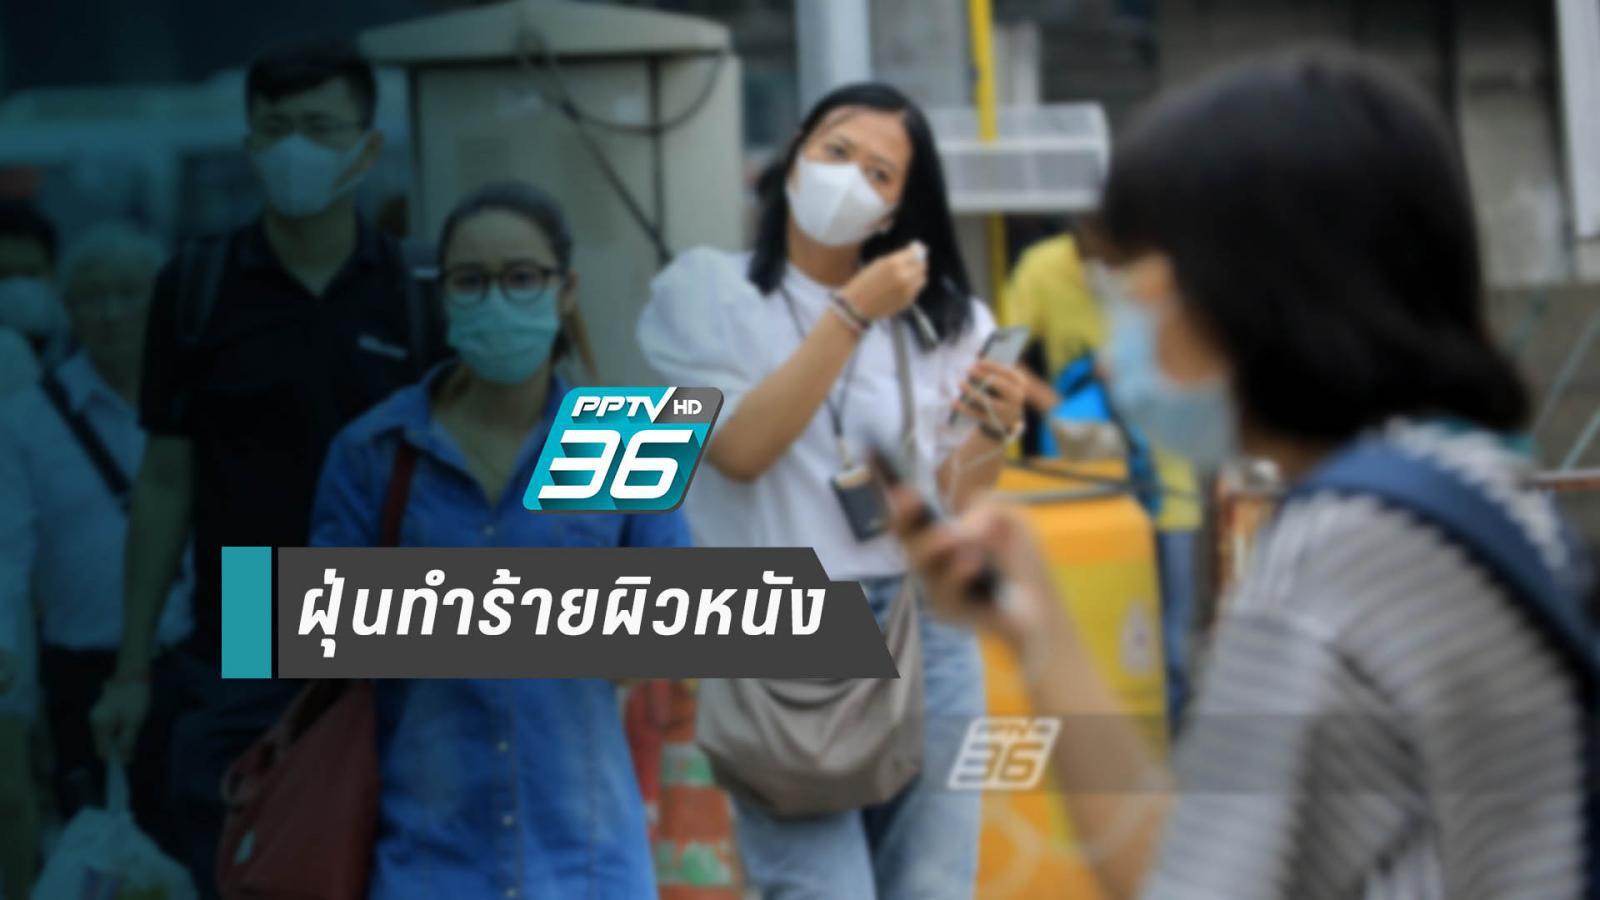 ฝุ่น PM 2.5 อันตรายกระทบผิวหนังเสื่อมชรา เกิดจุดด่างดำเพิ่ม!